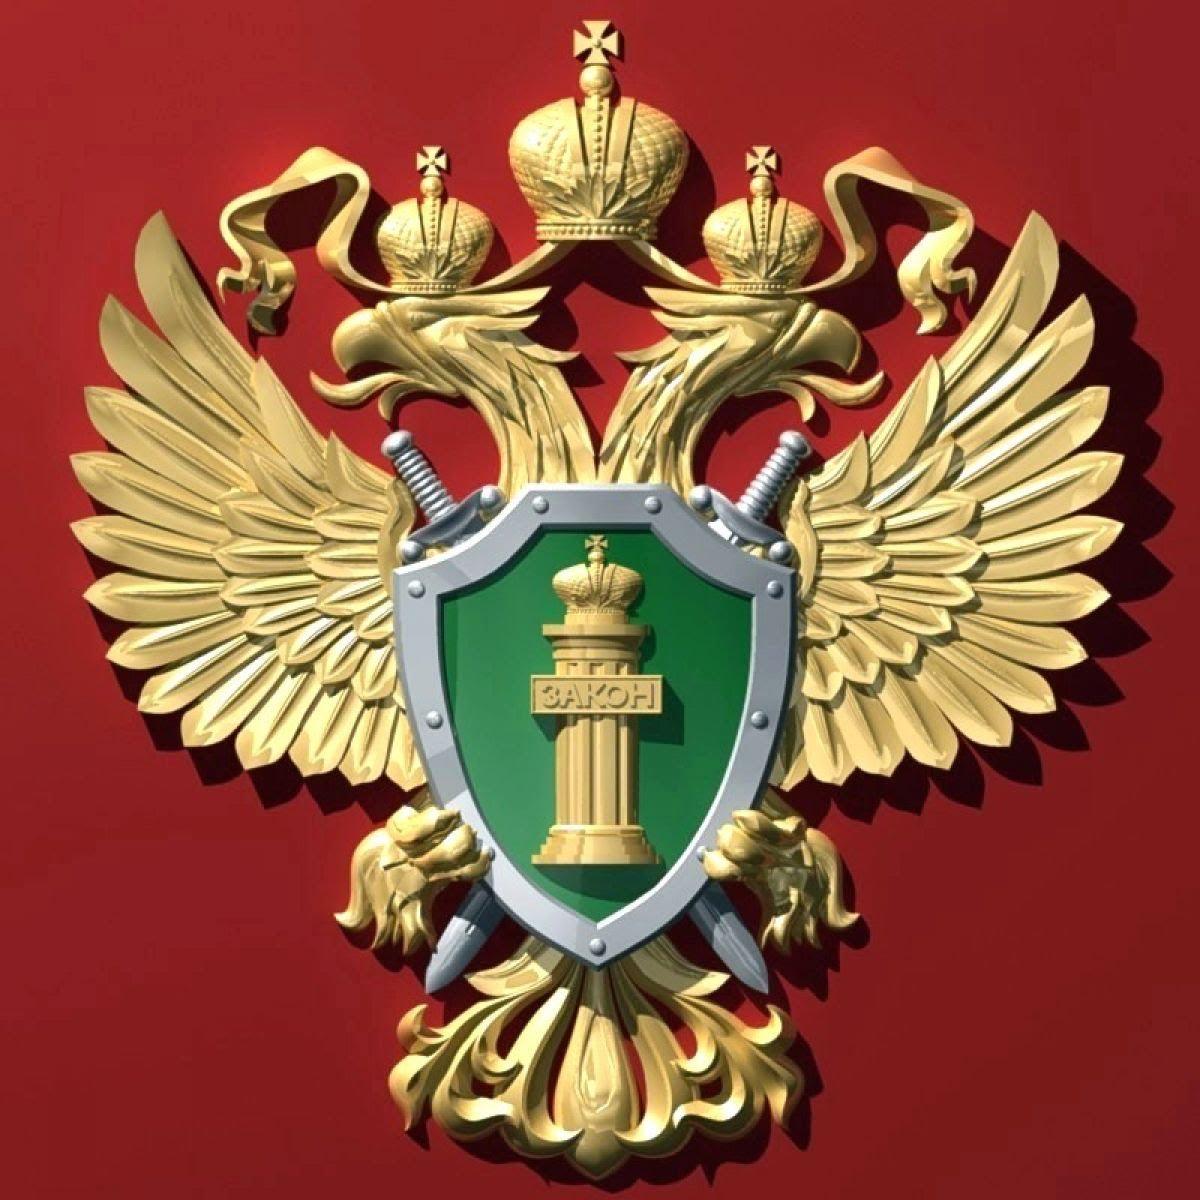 своему эмблема прокуратуры россии фото отличаются относительно доступной